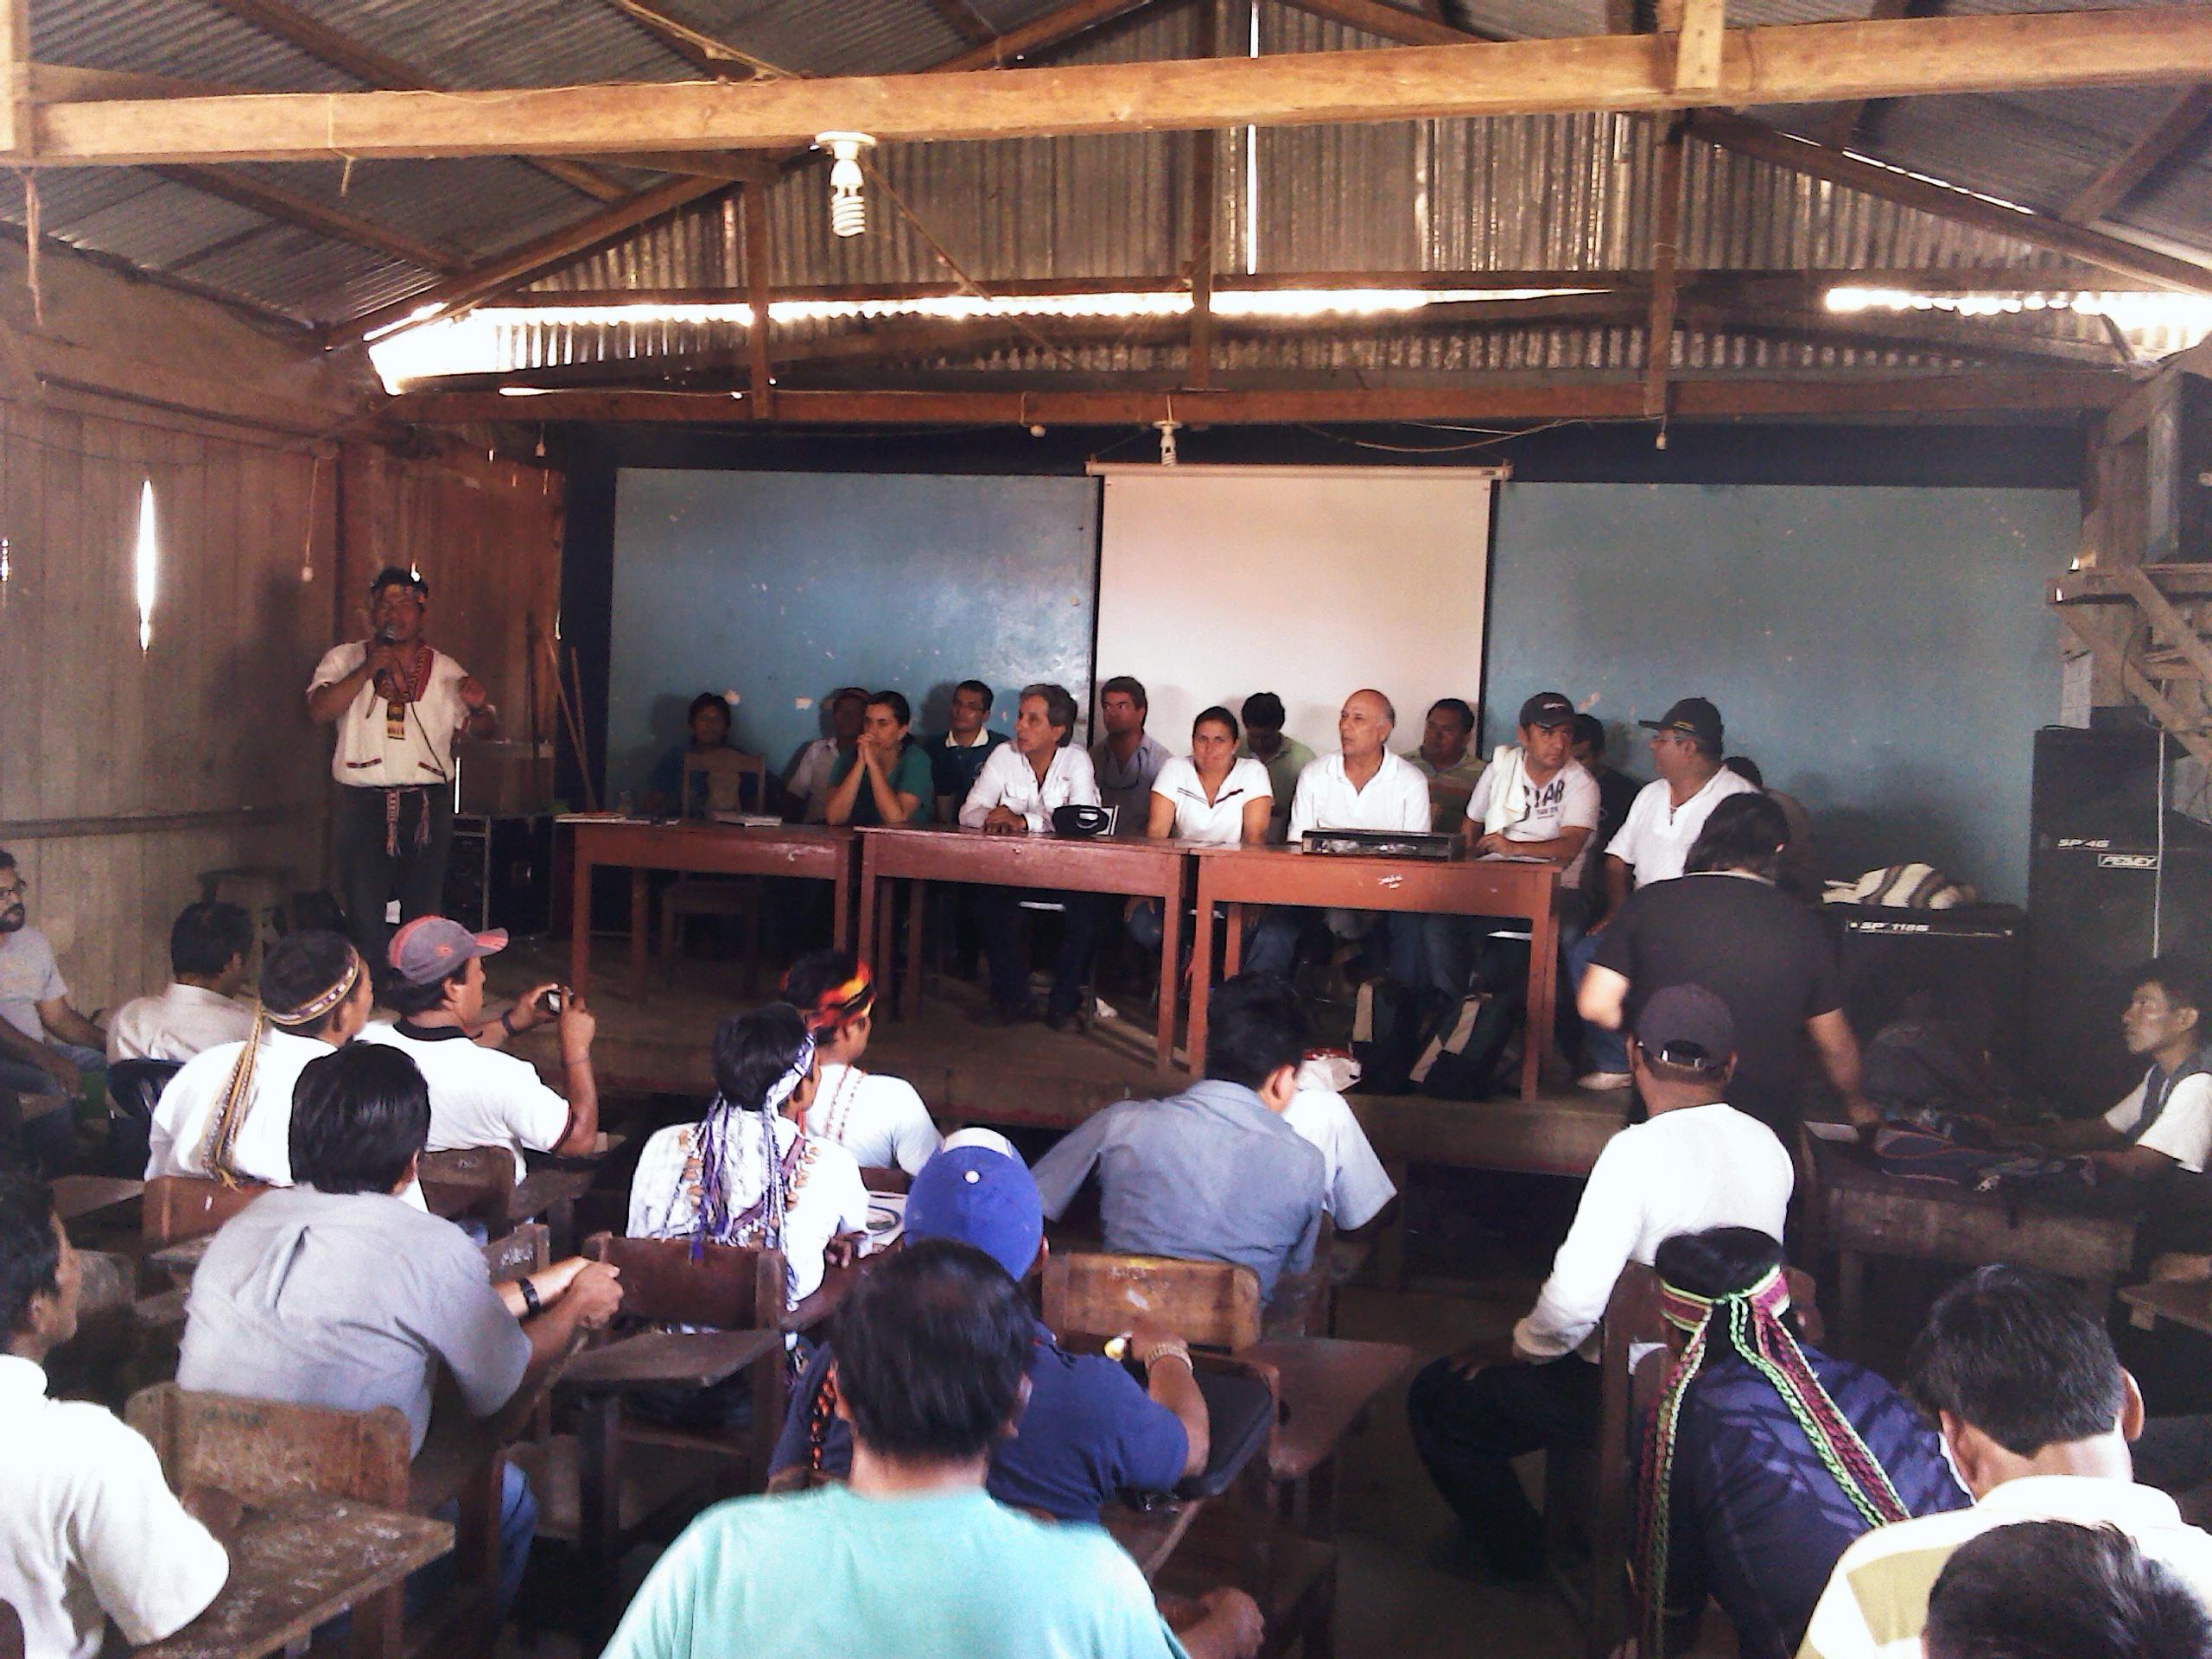 Luego de la determinación de la contaminación ambiental en el Pastaza, el Ministerio del Ambiente declaró en Emergencia Ambiental la cuenca del Pastaza. En la imagen, una asamblea en Andoas: Ministro, congresistas y presidente regional.